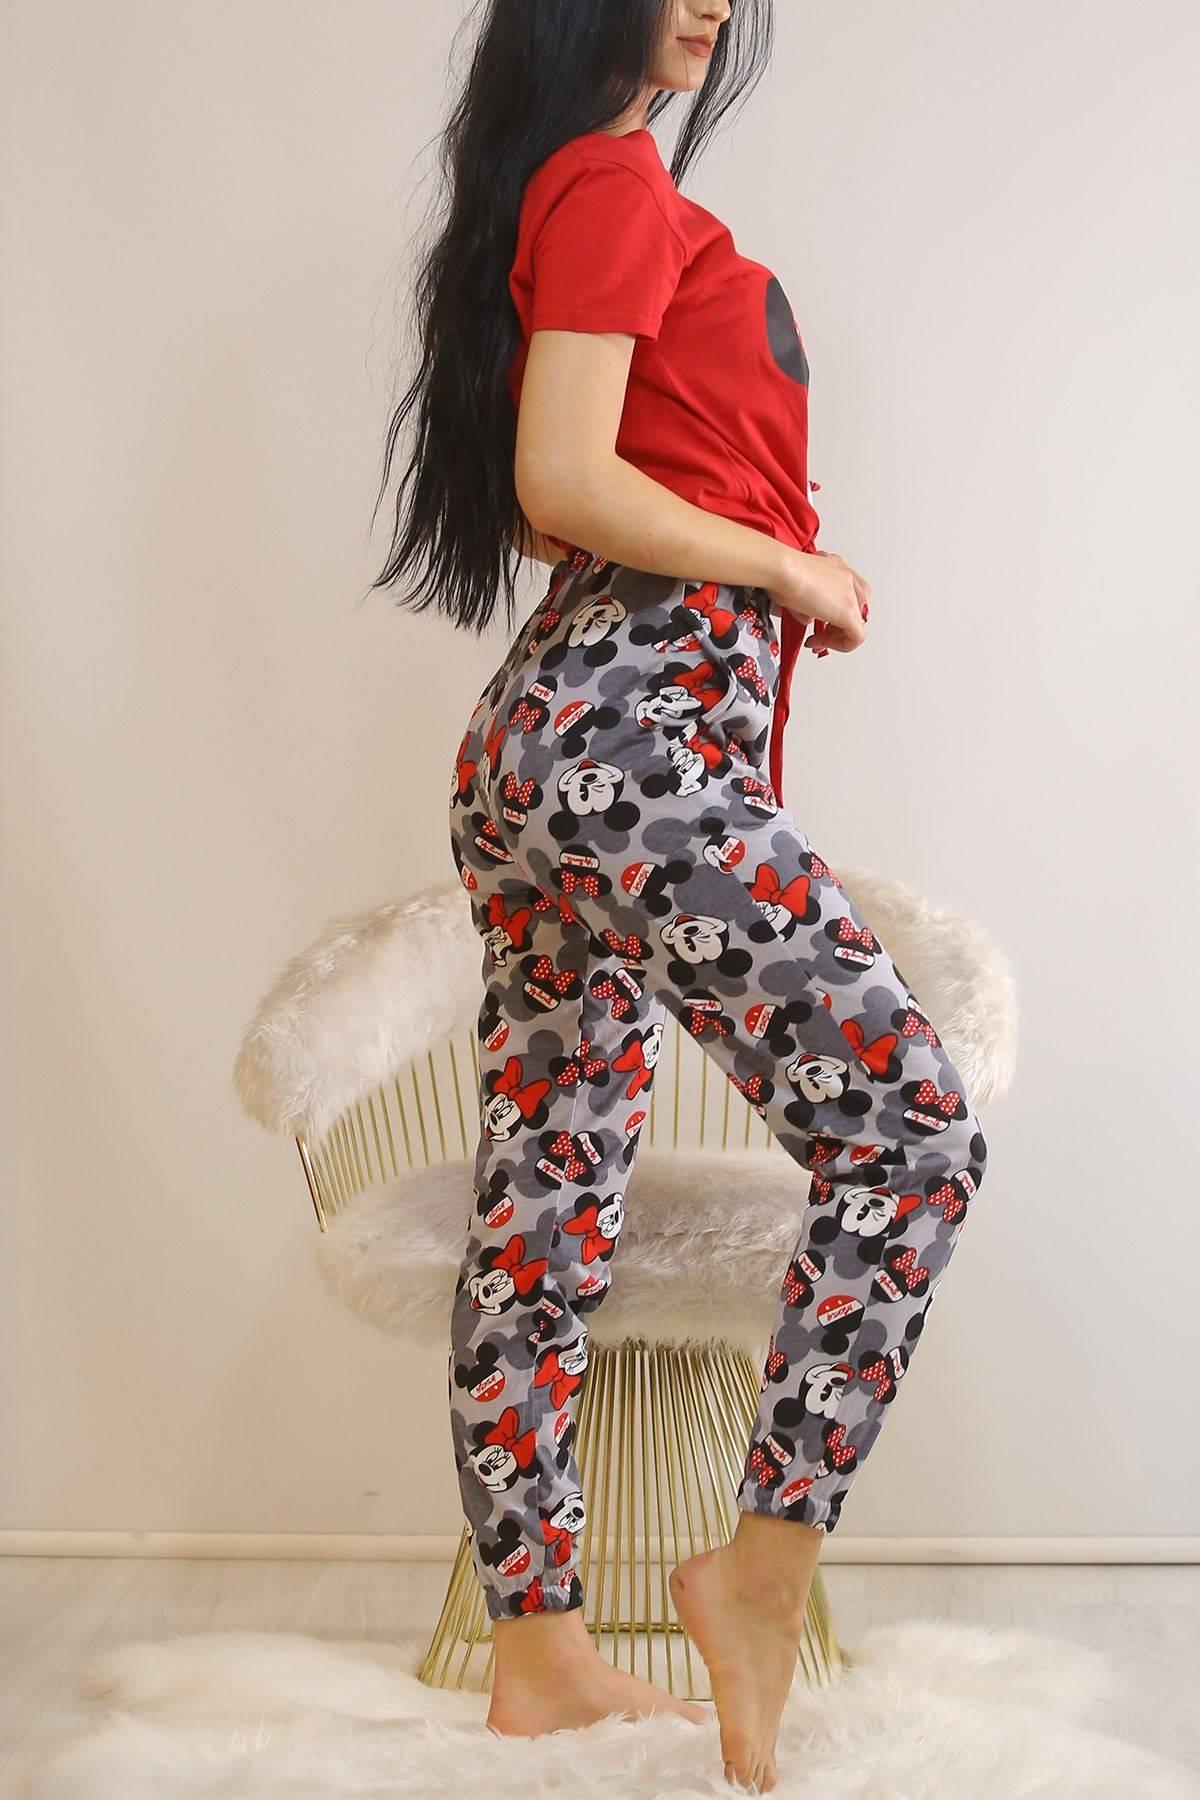 Bağlamalı Pijama Takımı Kırmızı - 5991.1059.